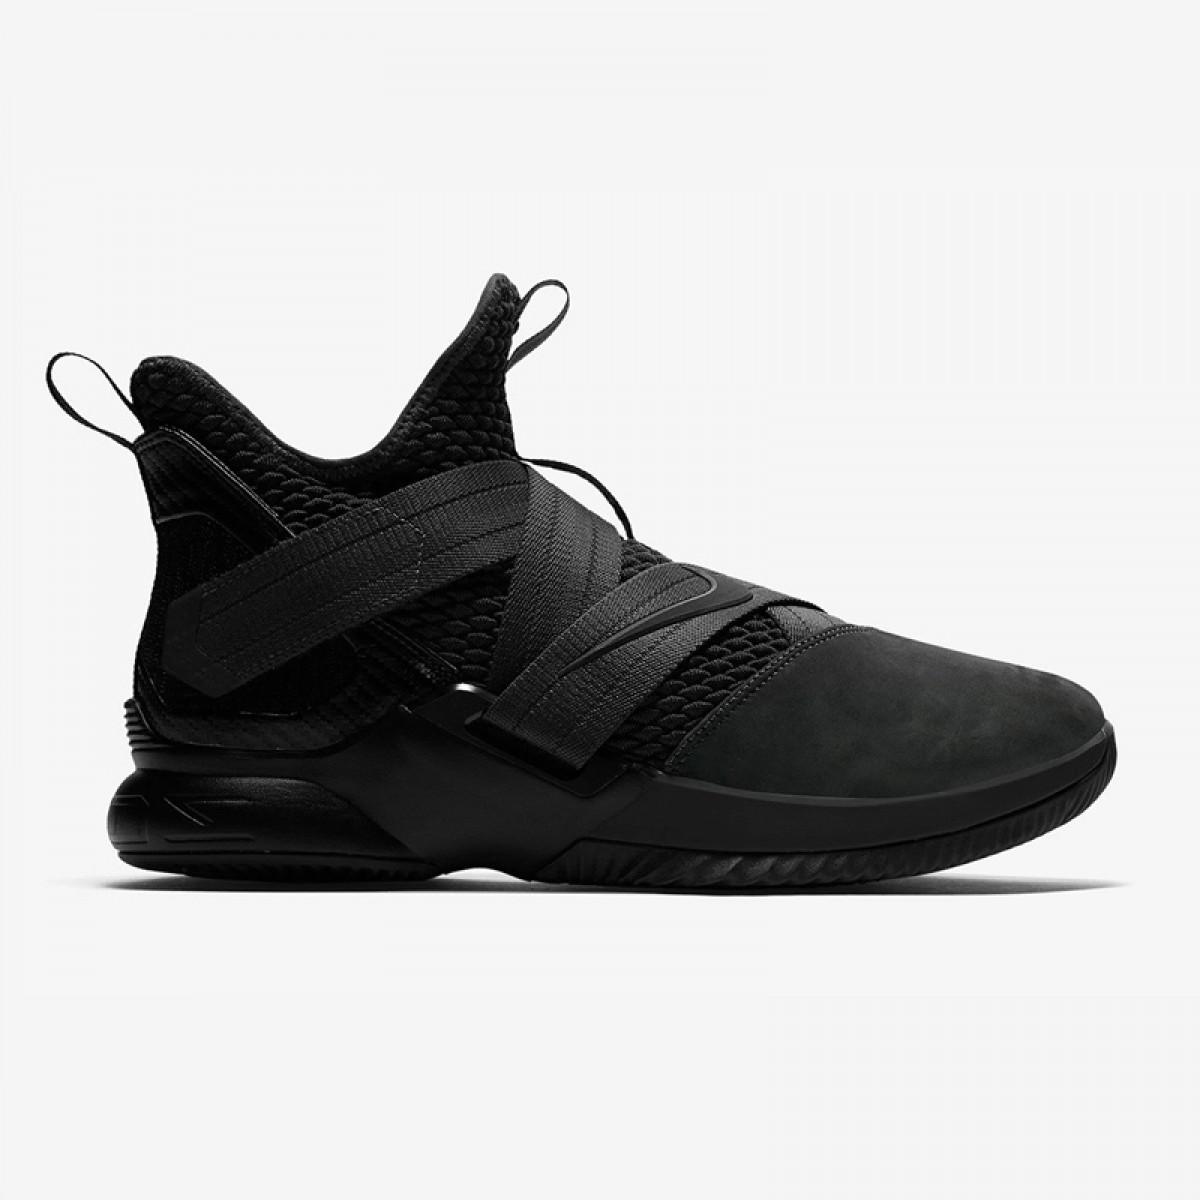 Nike Lebron Soldier XII SFG 'Zero Dark Thirty'